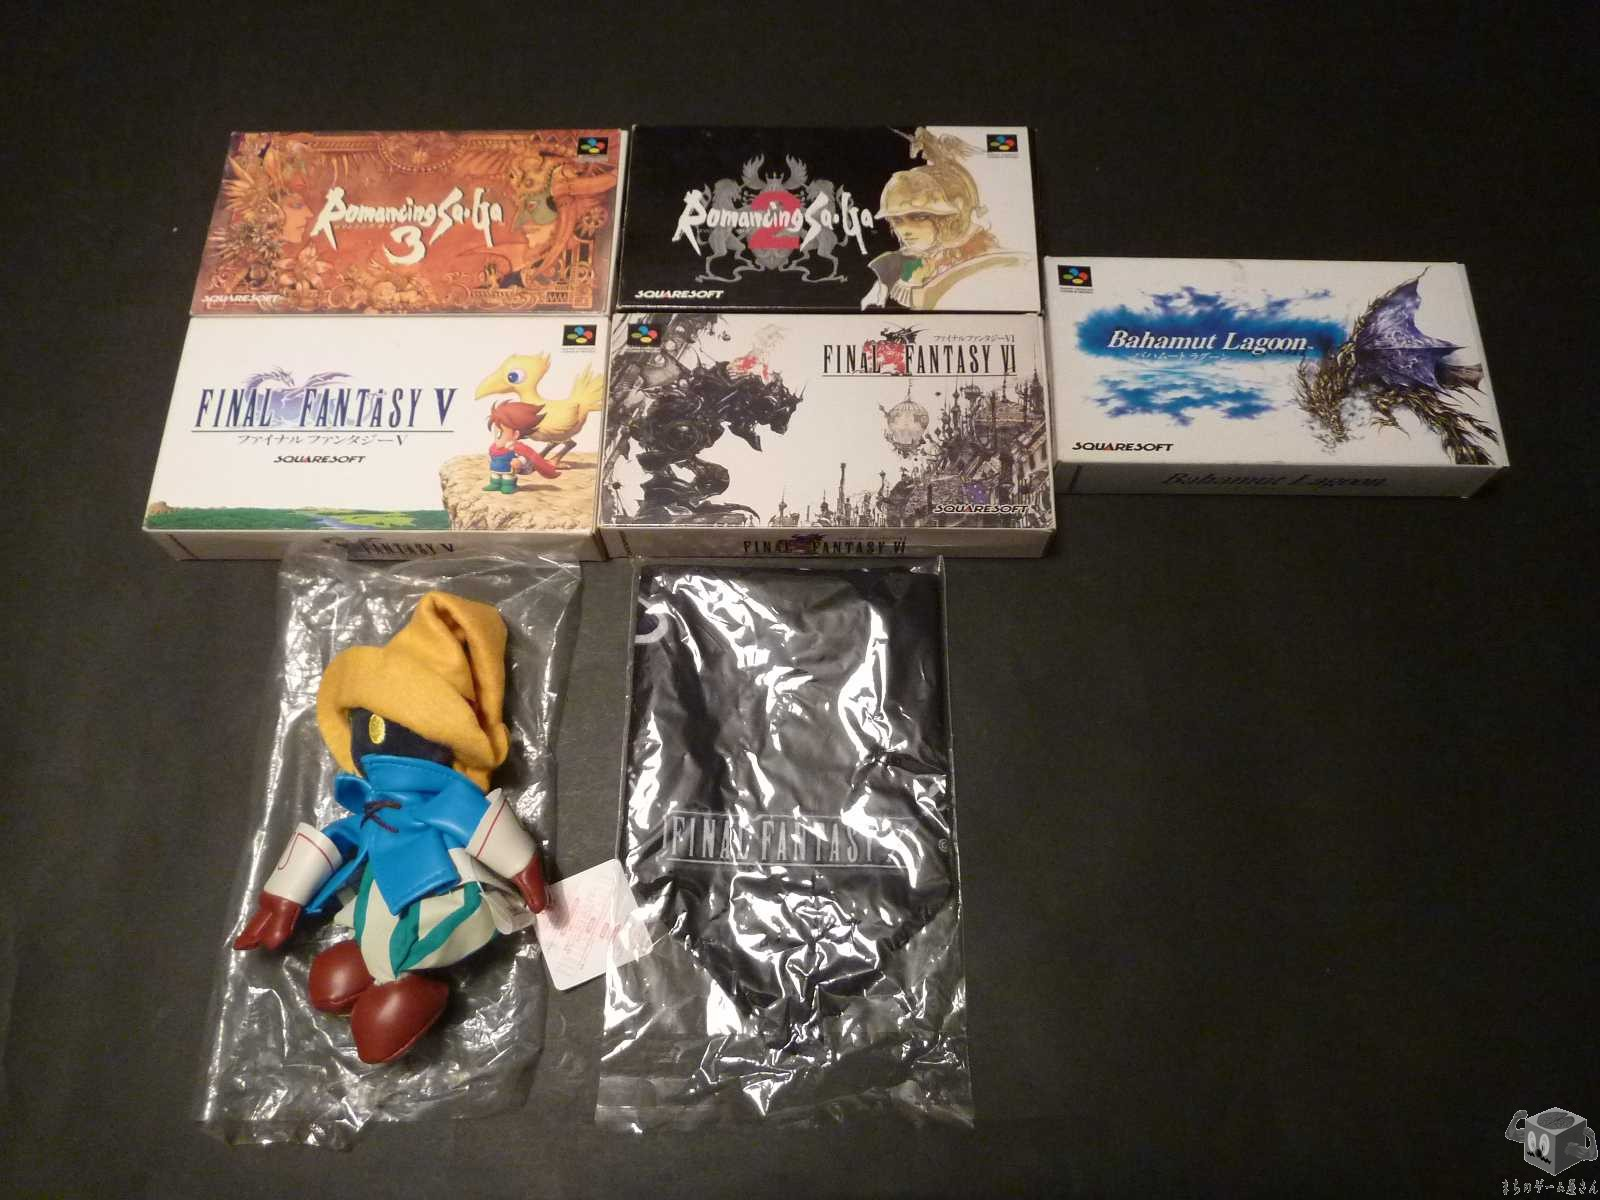 [SFC] Final Fantasy V FF5,Final Fantasy VI FF6 etc 7 set